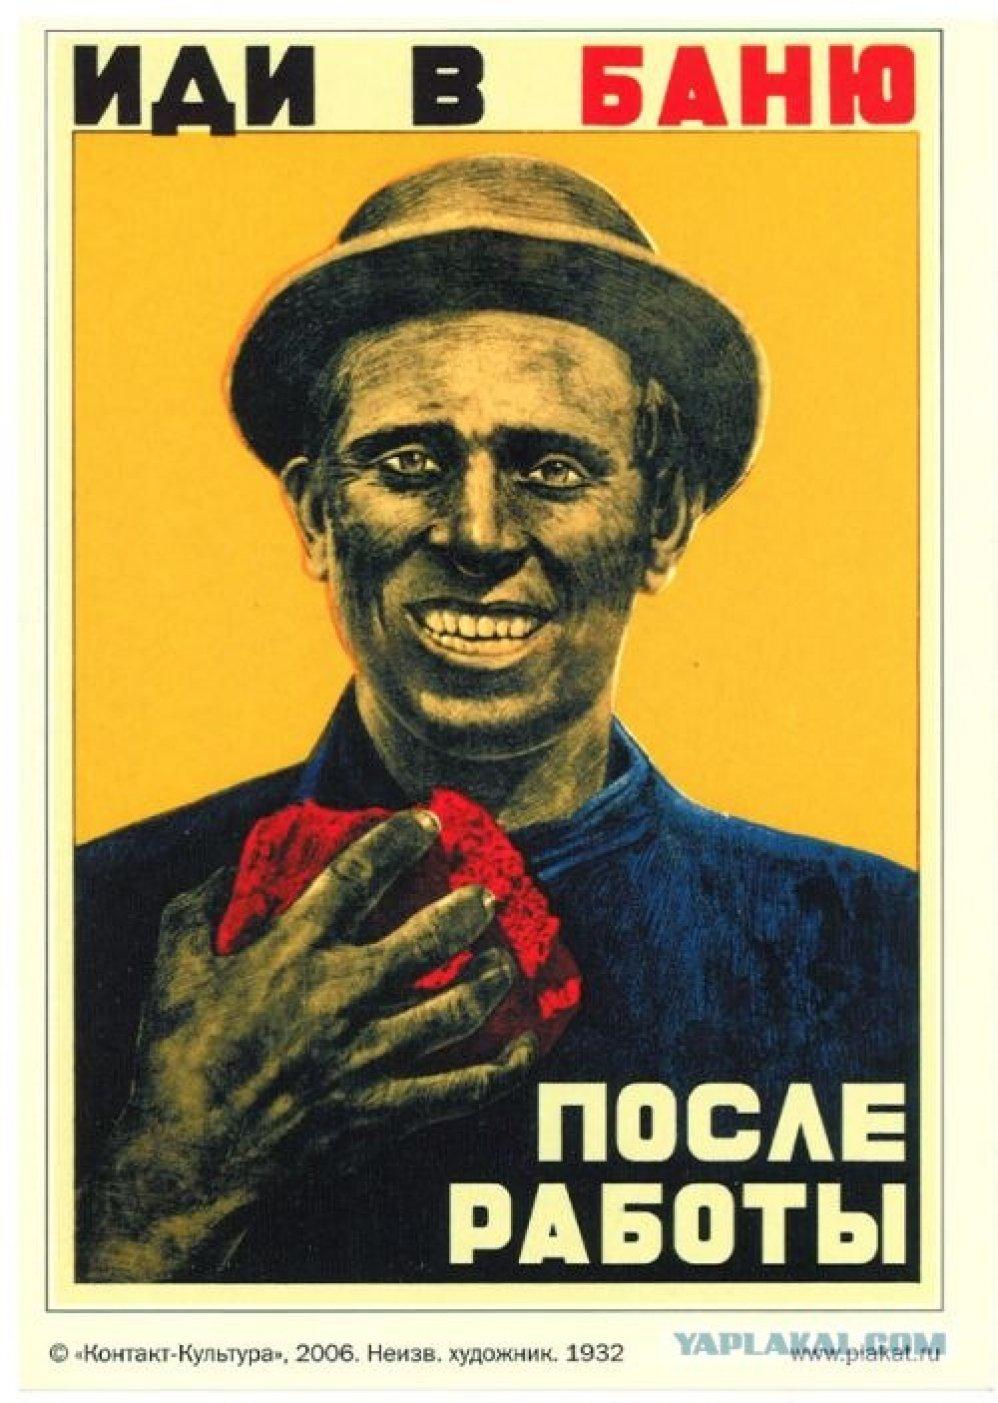 плакаты советских времен фото при питье попросту